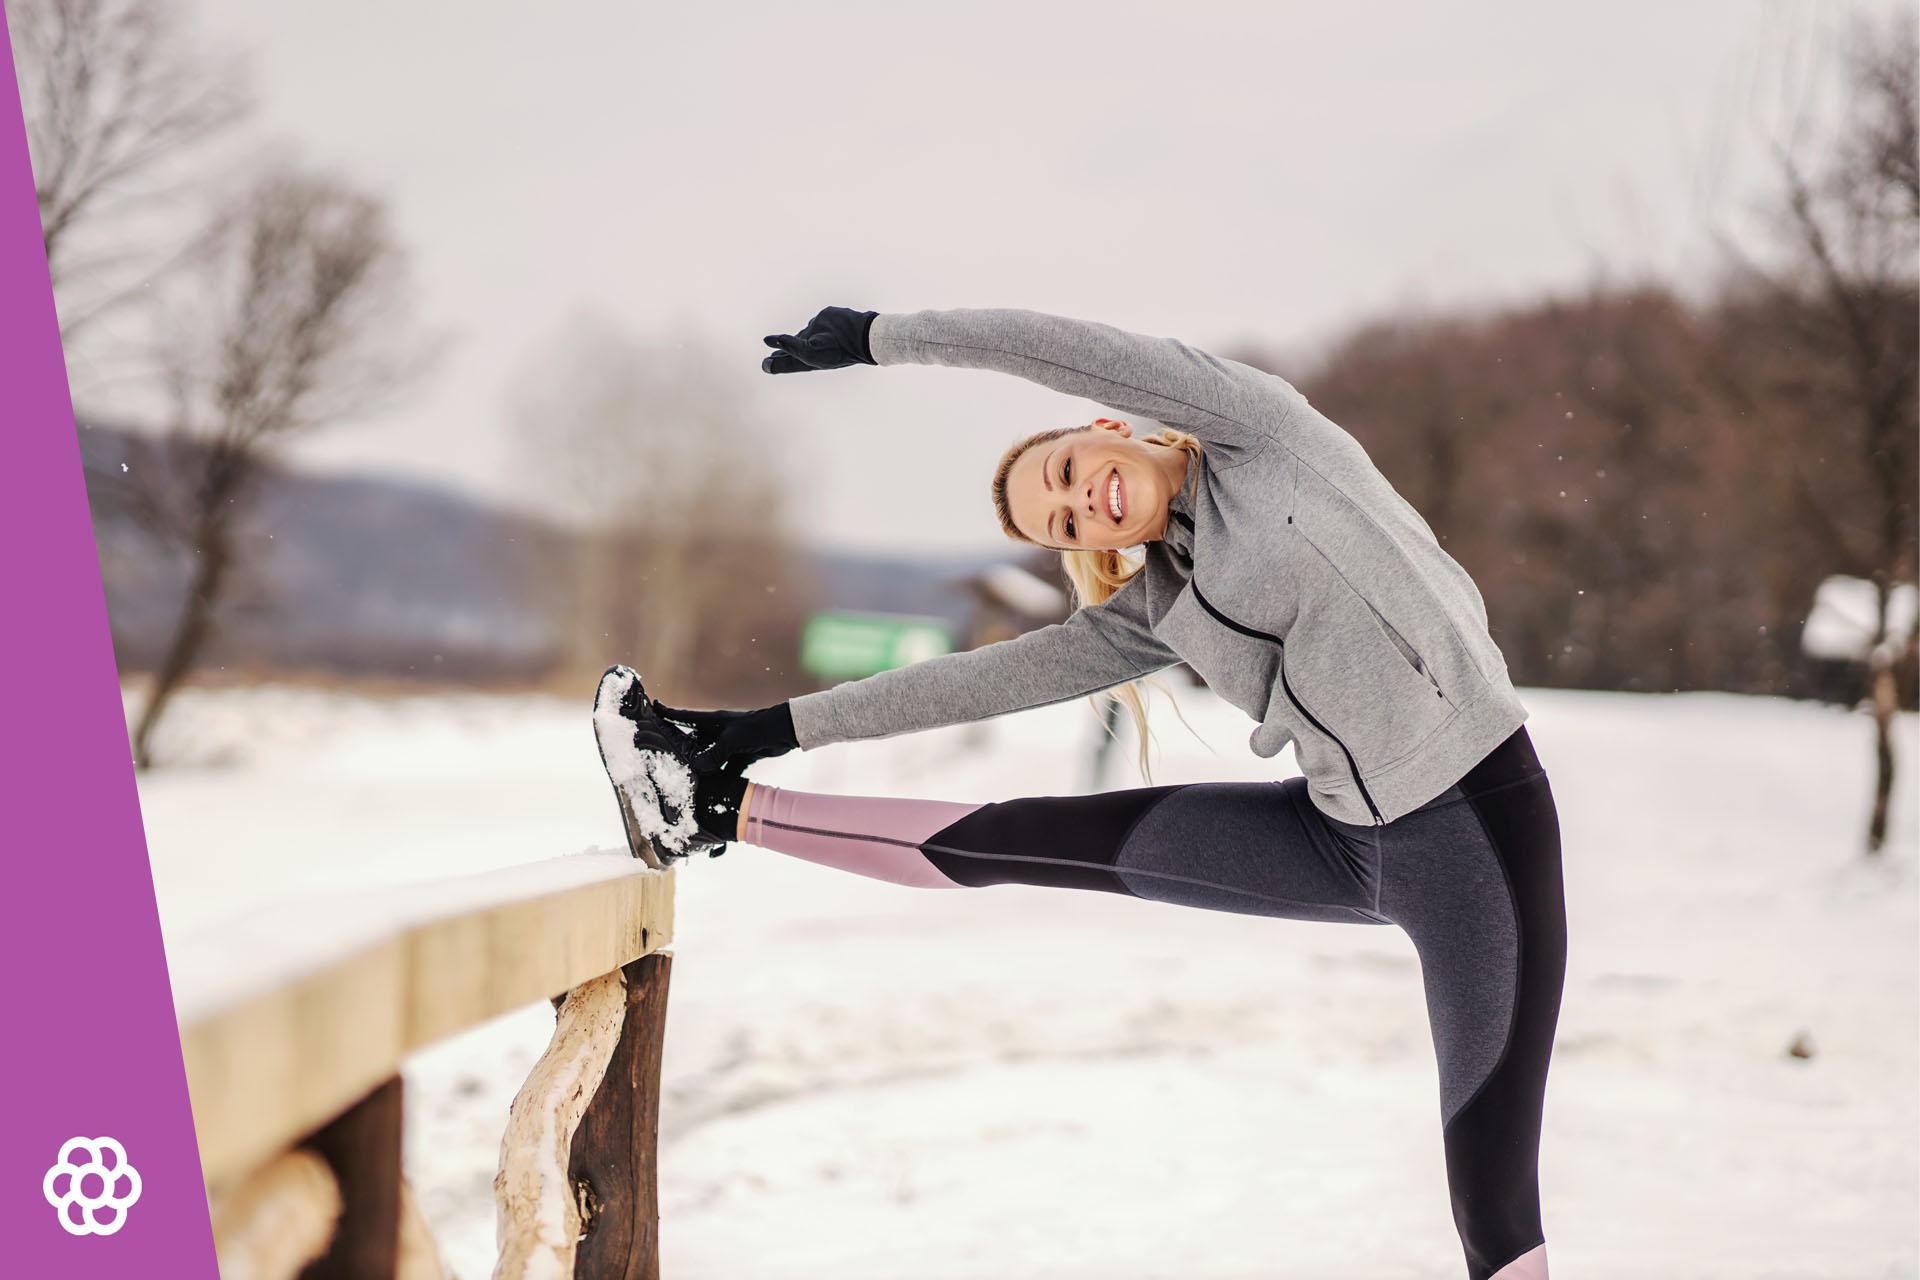 Rozgrzewka przed bieganiem zimą – na mrozie, przy niskich temperaturach